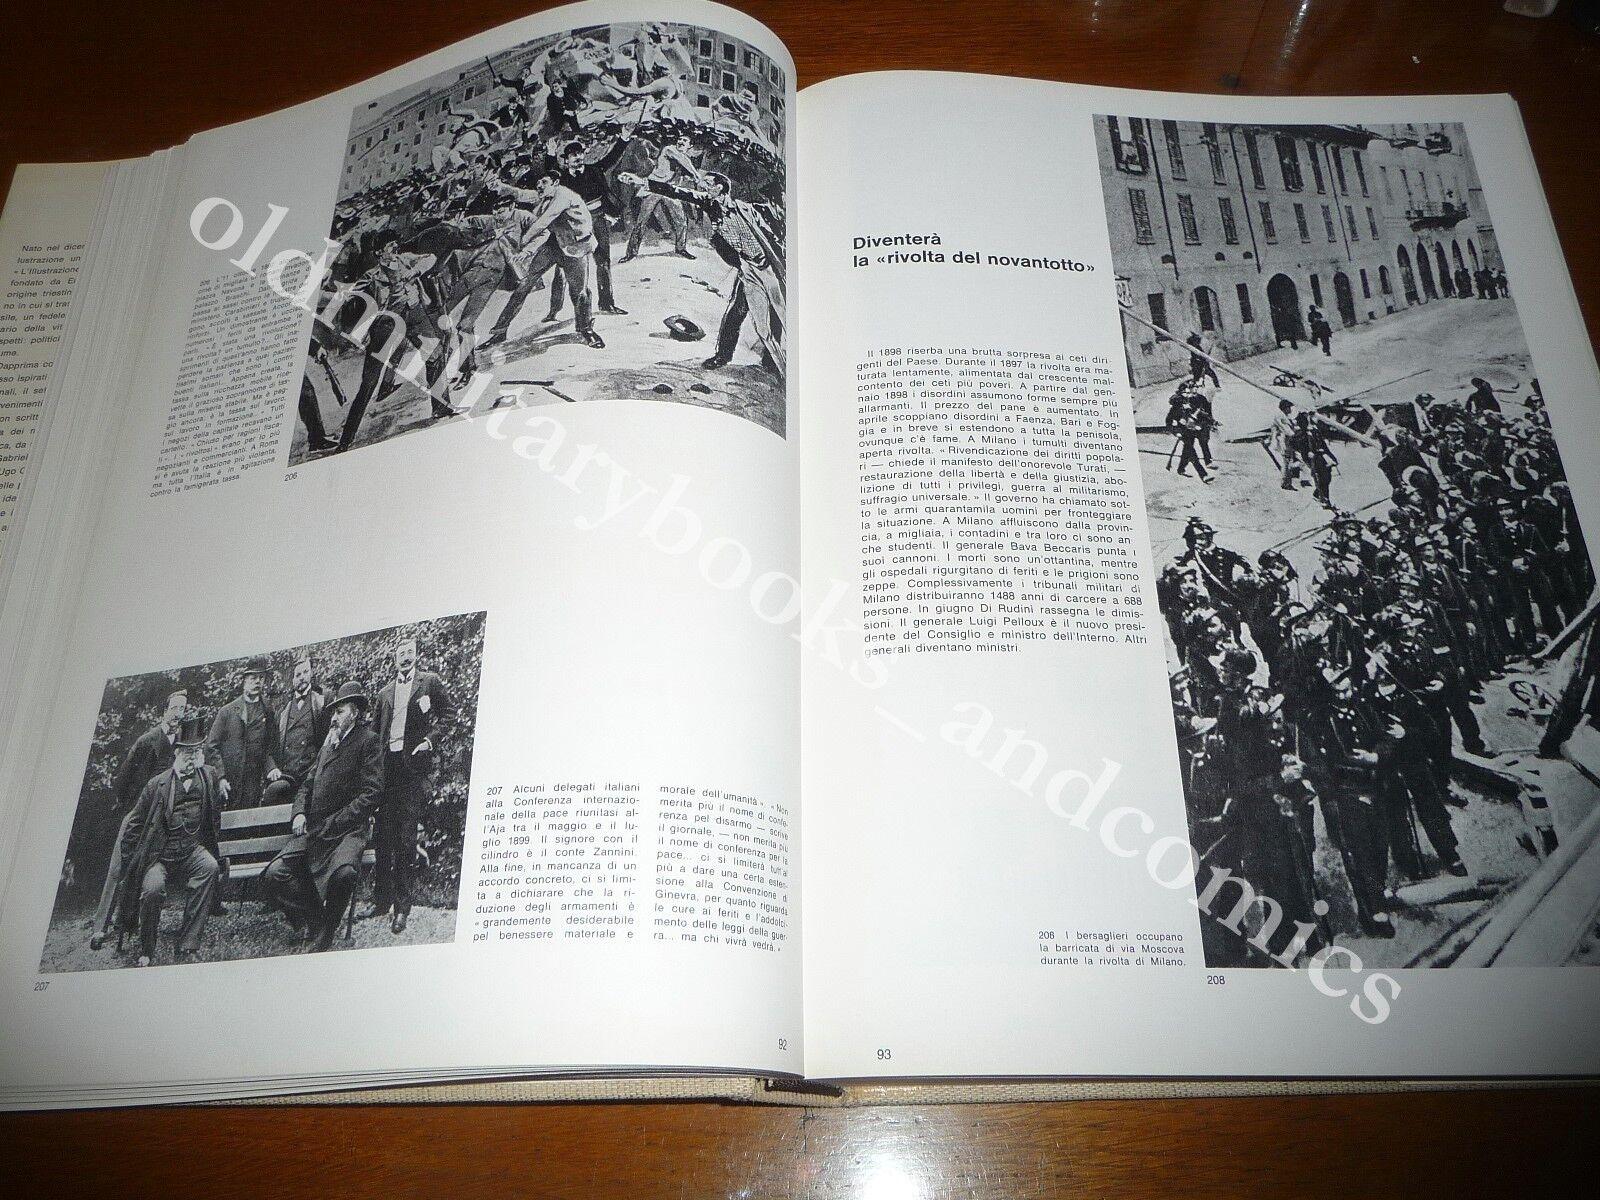 L'ILLUSTRAZIONE ITALIANA 90 ANNI DI STORIA BELLISSIMO VOL. RIPRODUZIONE ARTICOLI